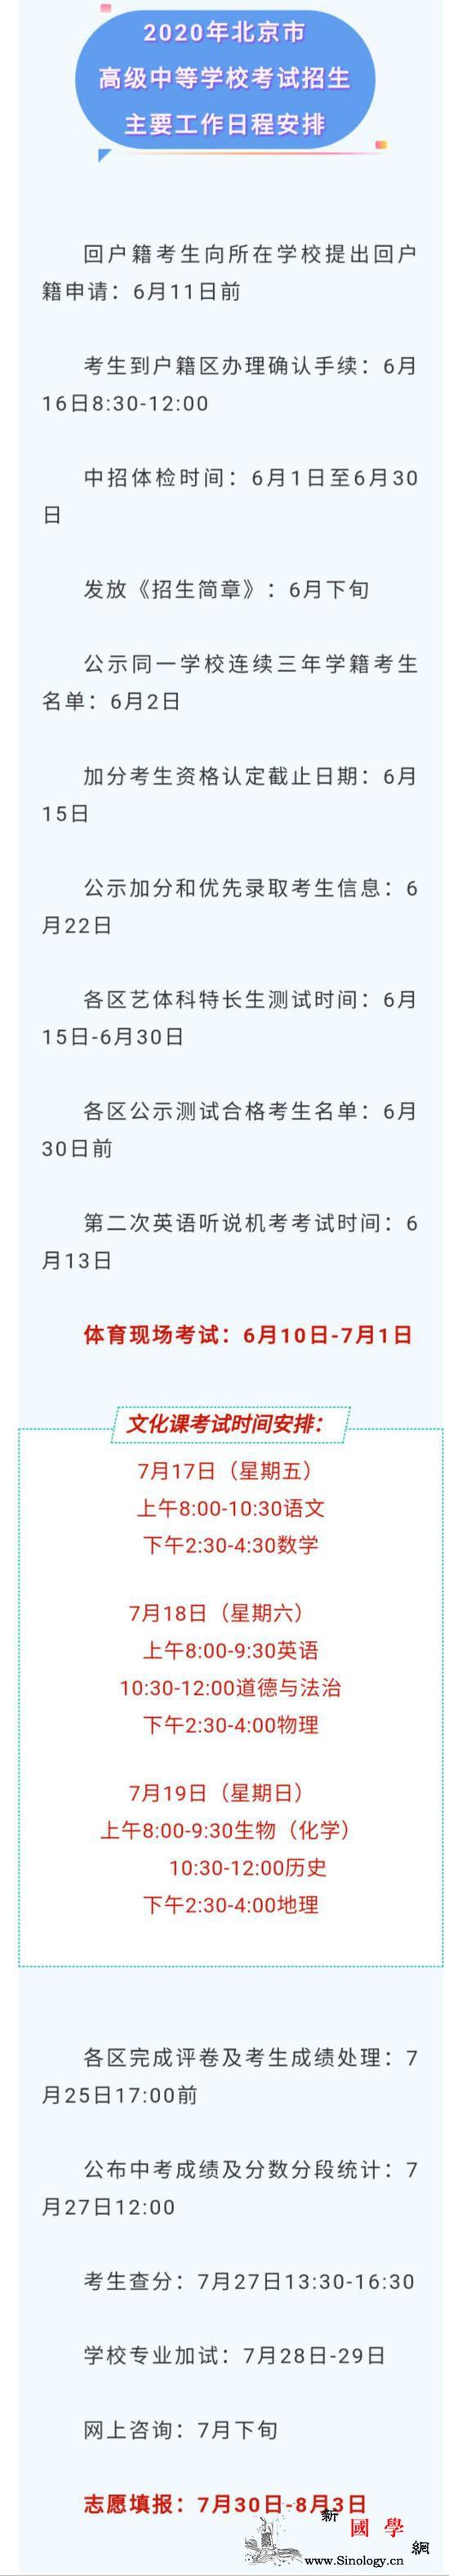 北京今年中考日程确定:总分580分考_画中画-总分-值为-